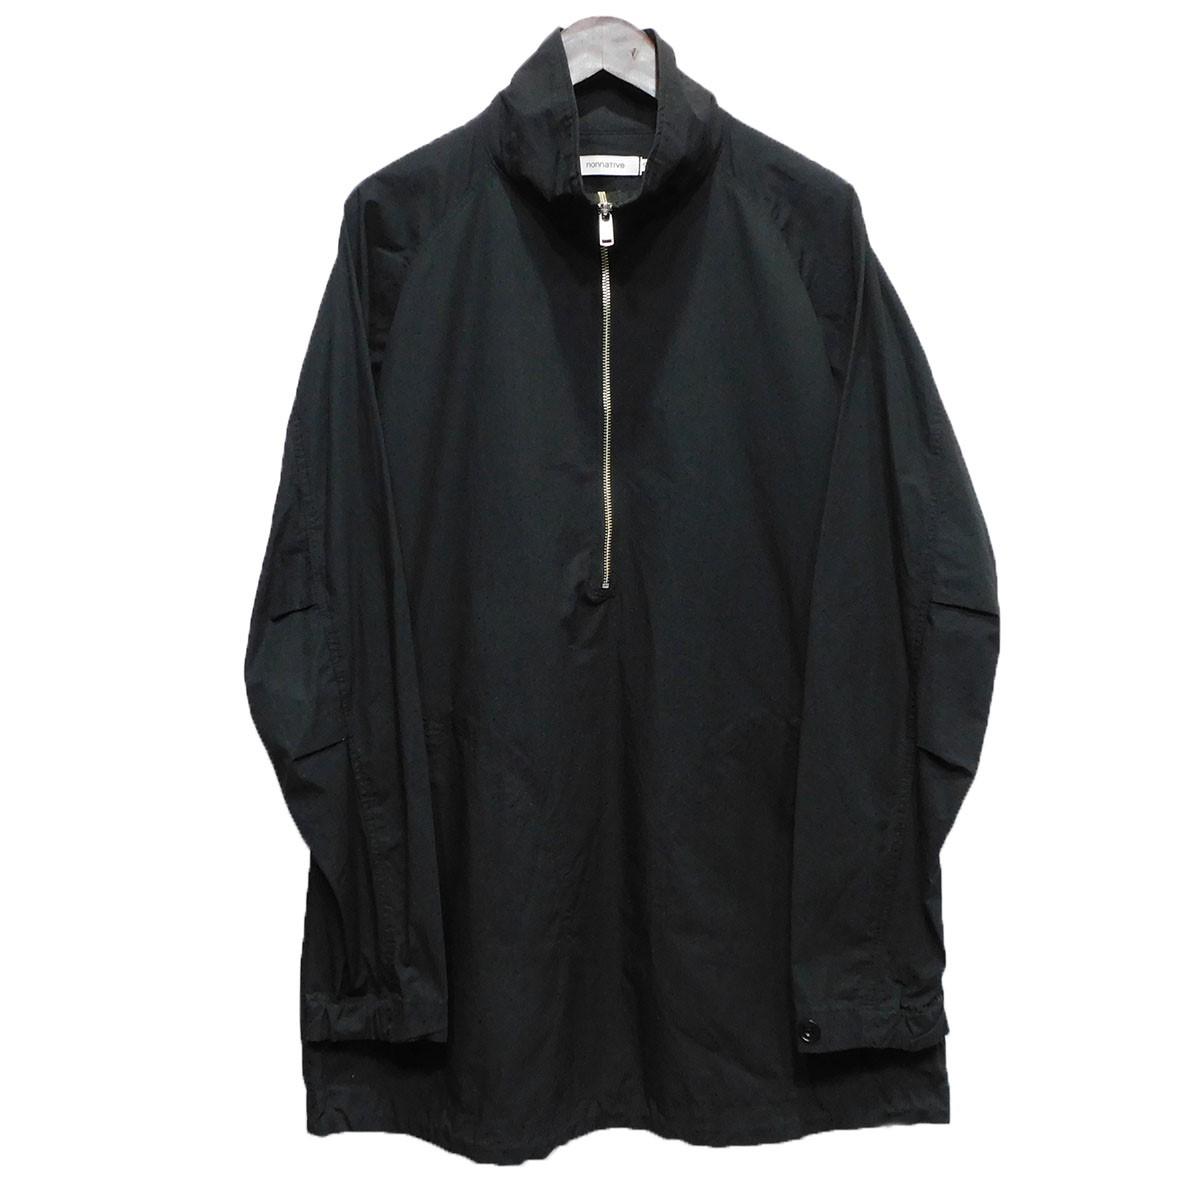 【中古】nonnative「HANDYMAN PULLOVER SHIRT C/N RIPSTOP」 ハーフジップシャツ ブラック サイズ:2 【5月11日見直し】